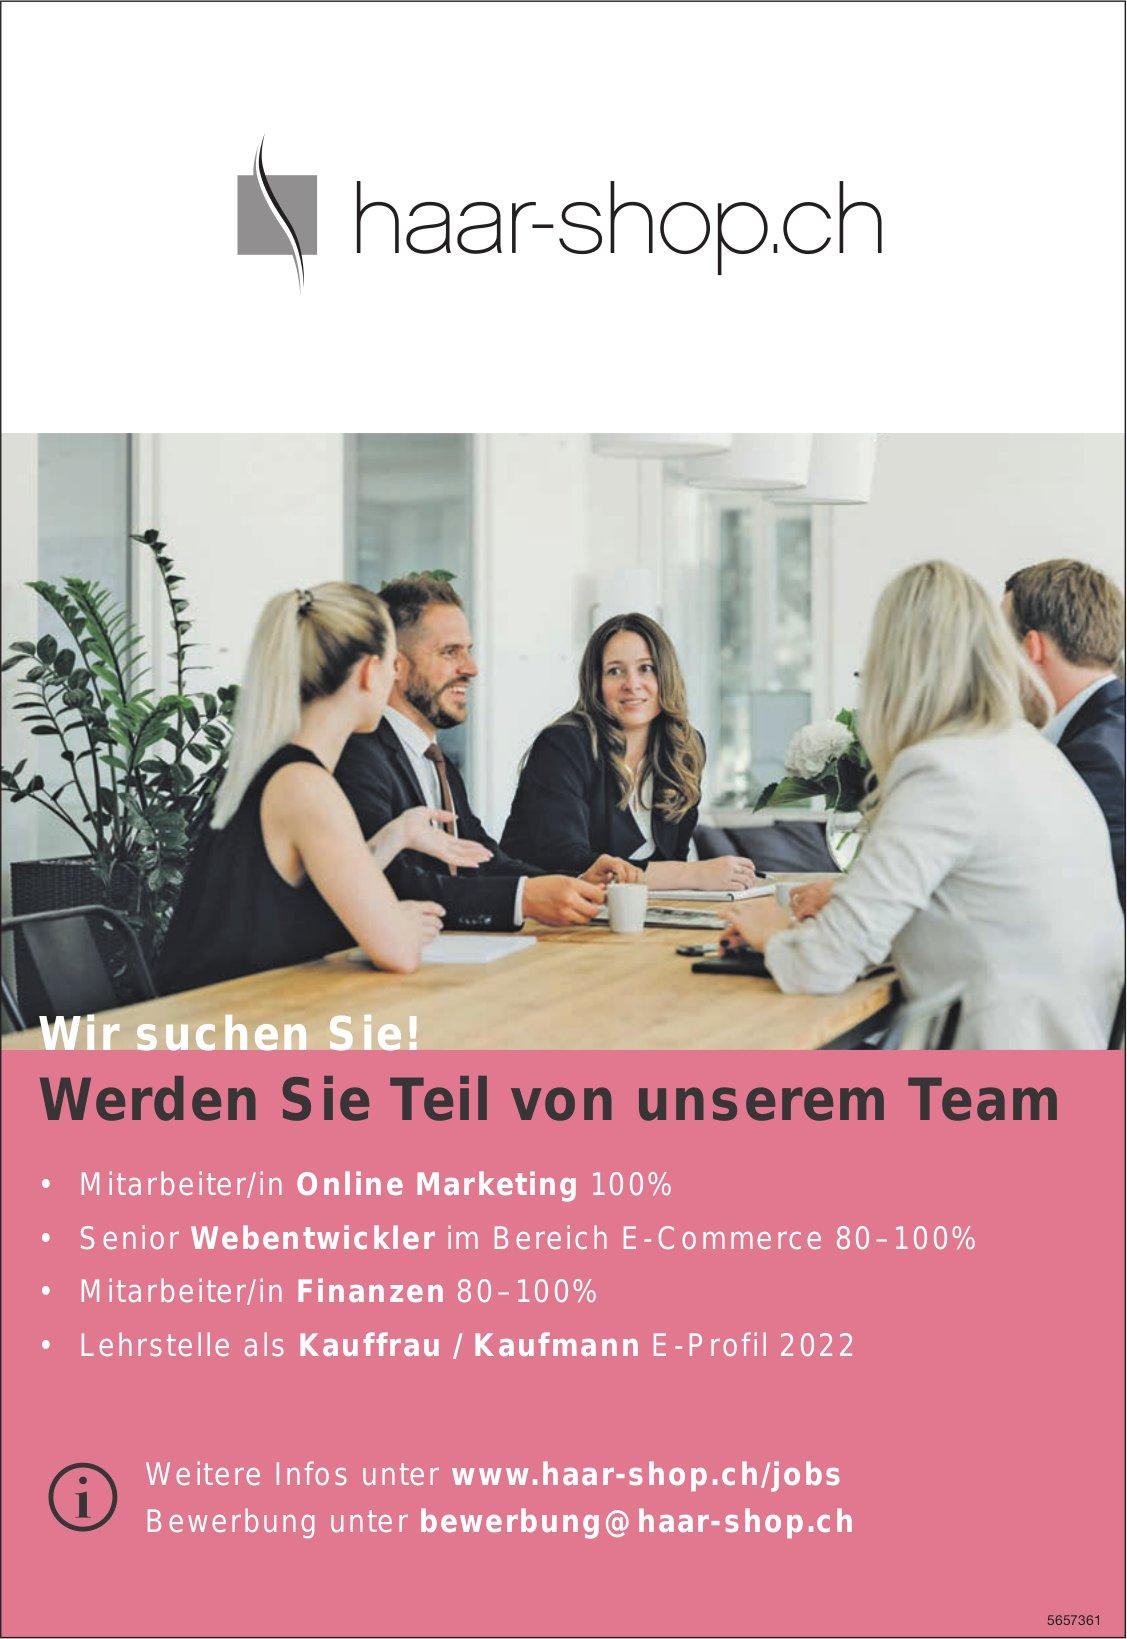 Mitarbeiter/in Online Marketing 100%, Senior Webentwickler 80 – 100%,  Mitarbeiter/in 80 – 100% Finanzen, Haar Shop, gesucht